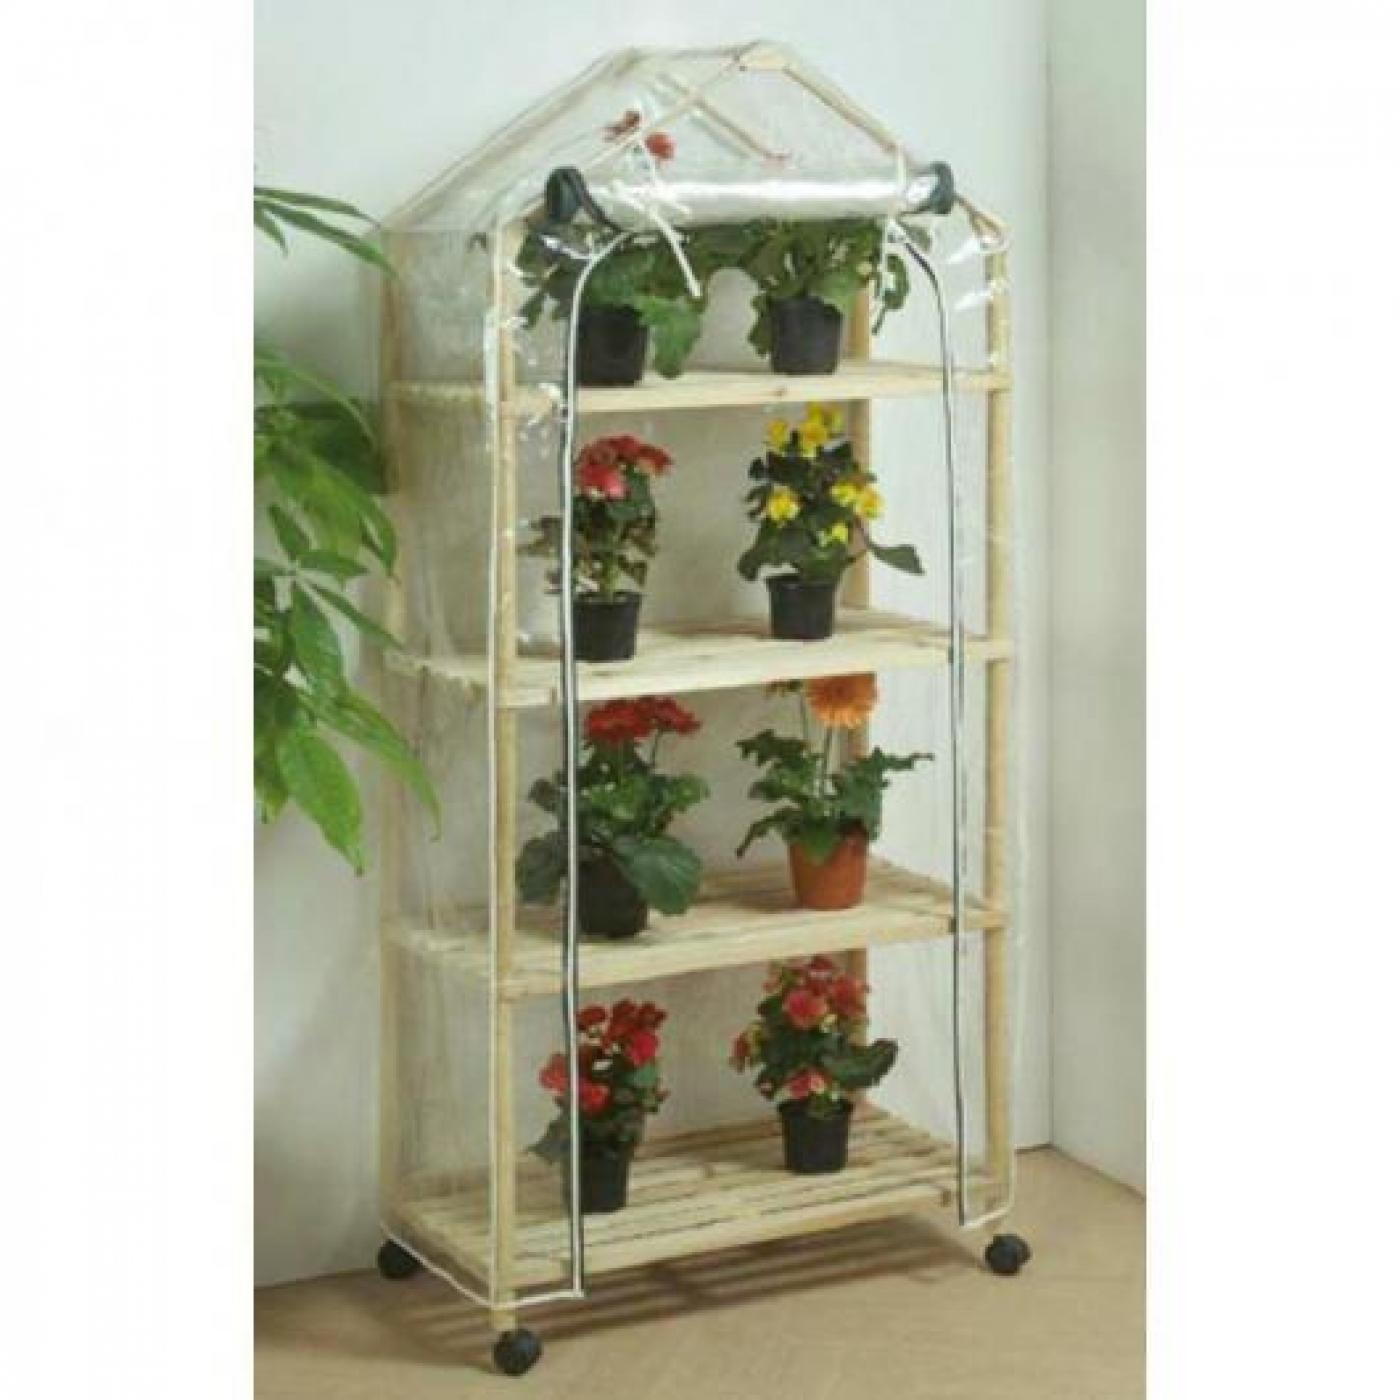 Recambio funda invernadero madera 4 estantes con ruedas - Invernaderos para terrazas ...